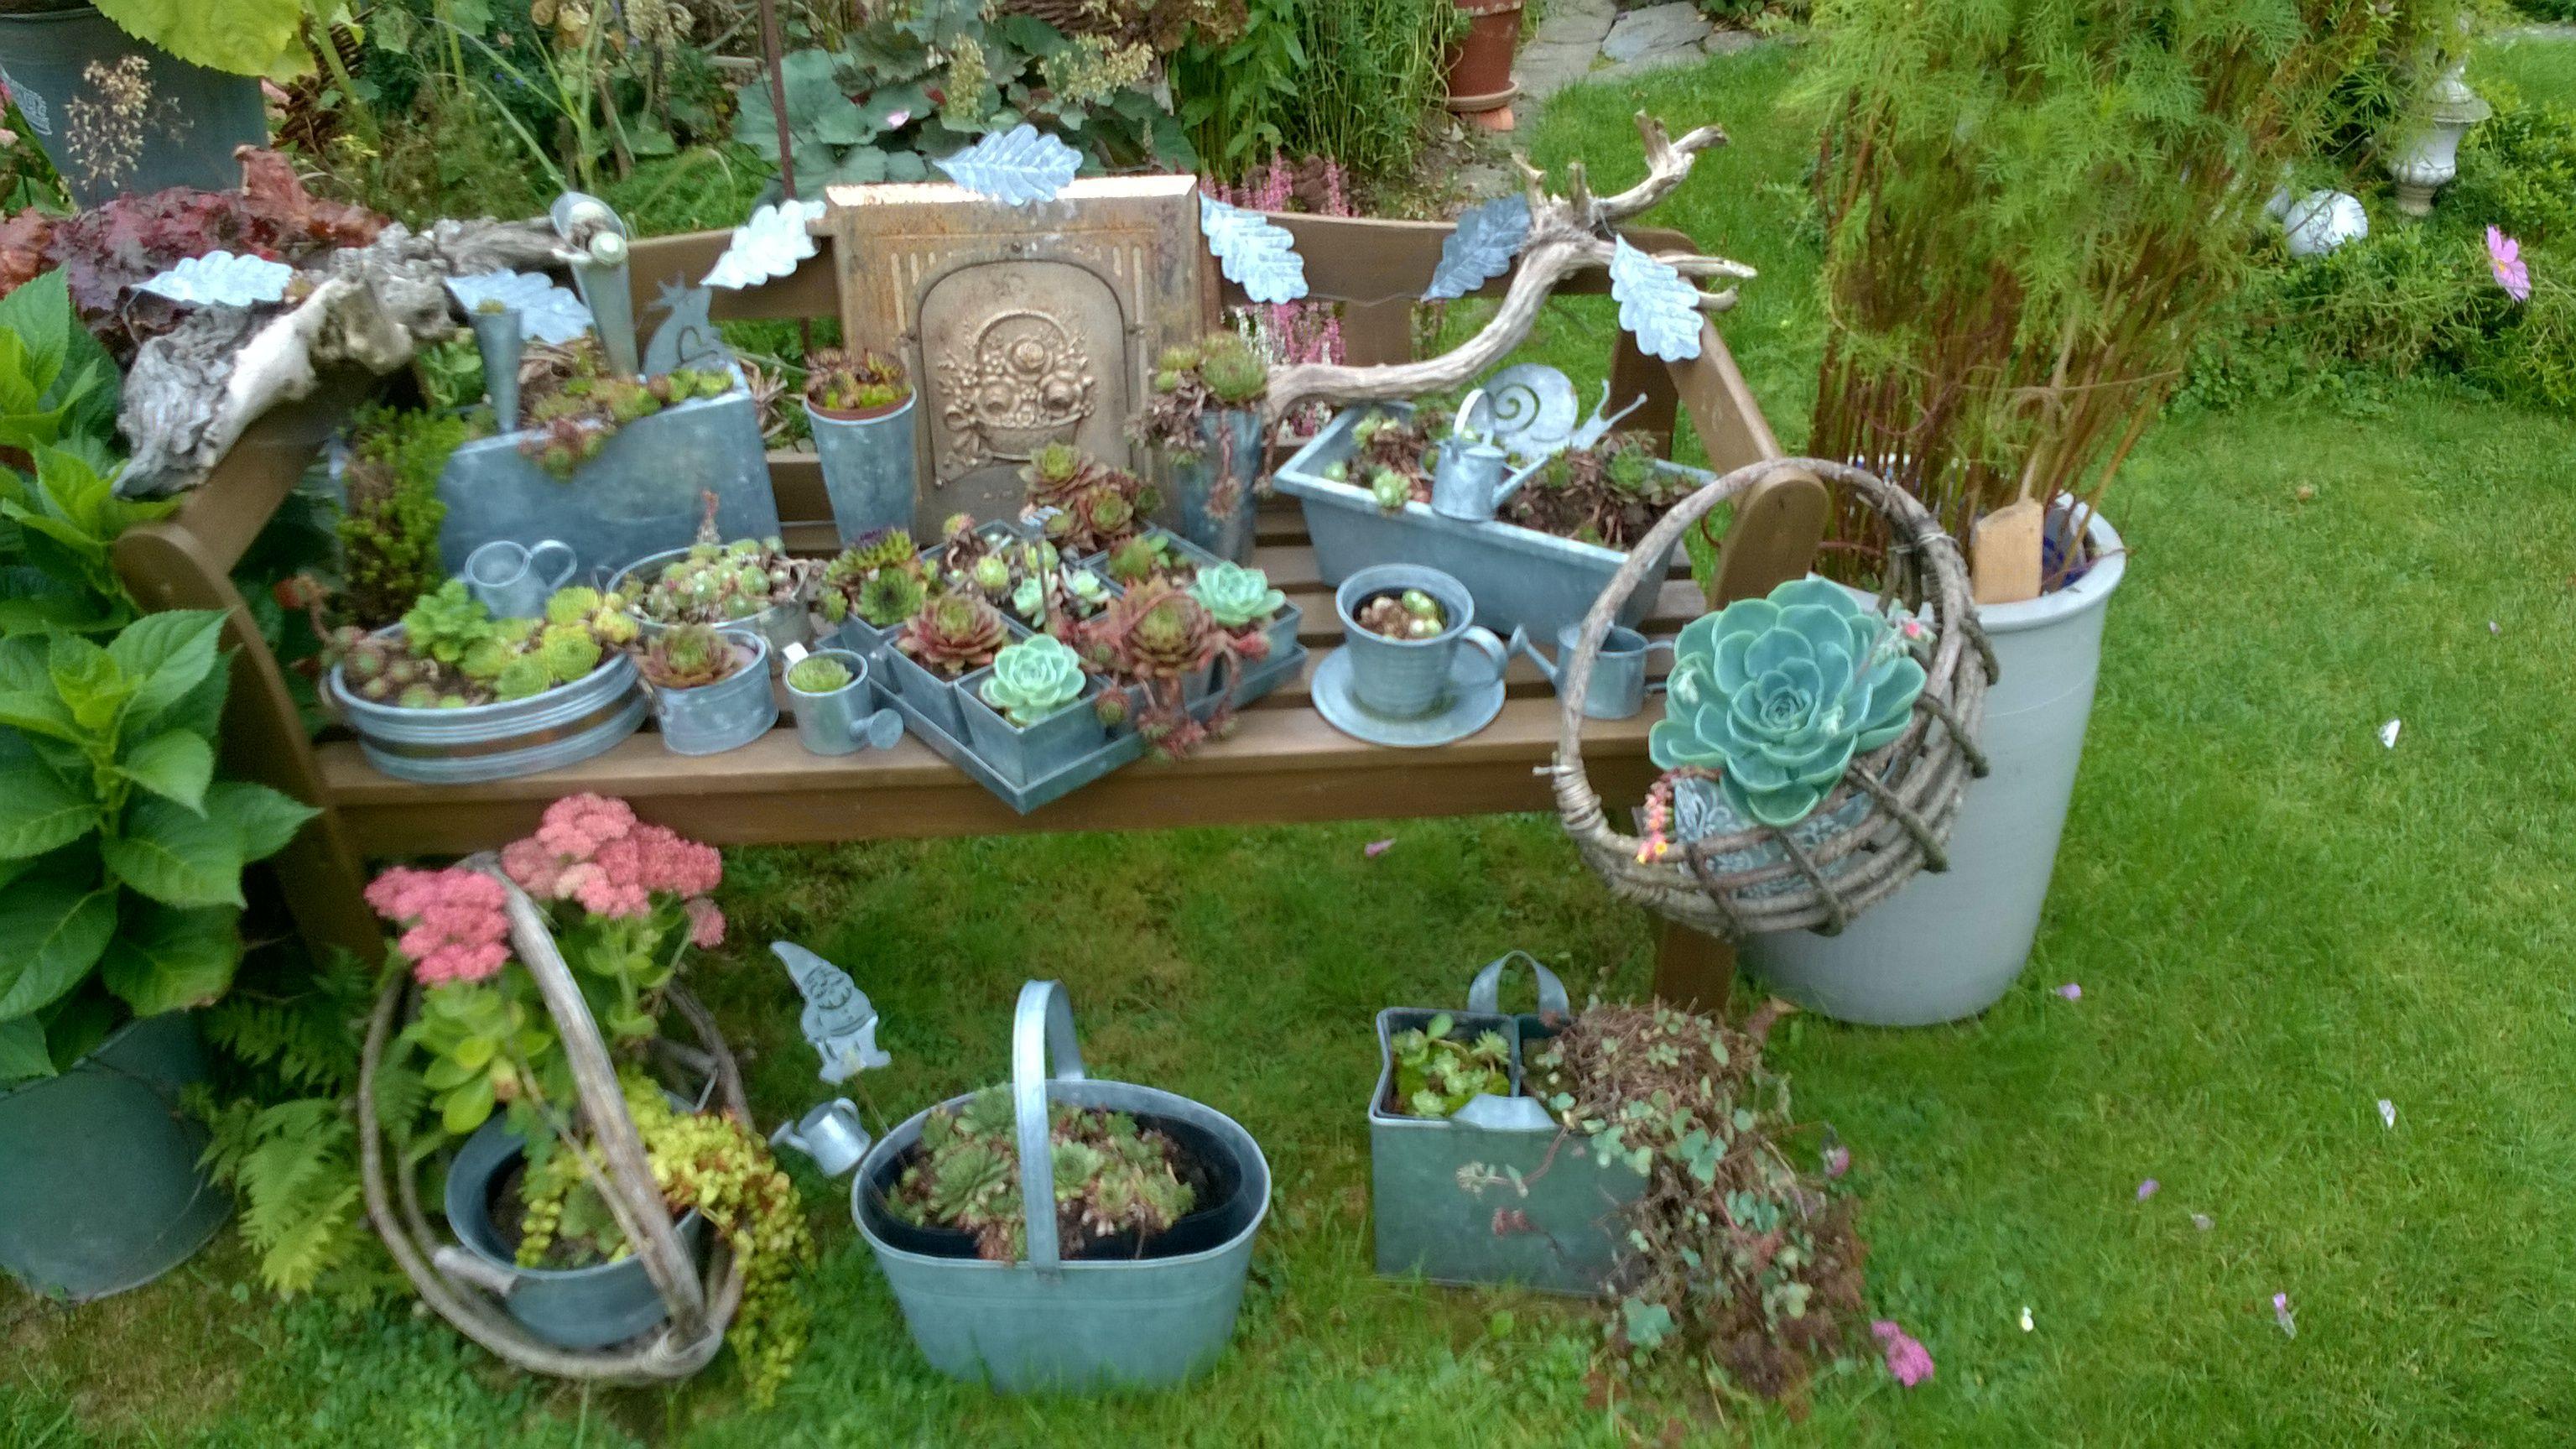 Reichlich Dekorierte Gartenbank Dekorieren Mit Zinn Viele Teile